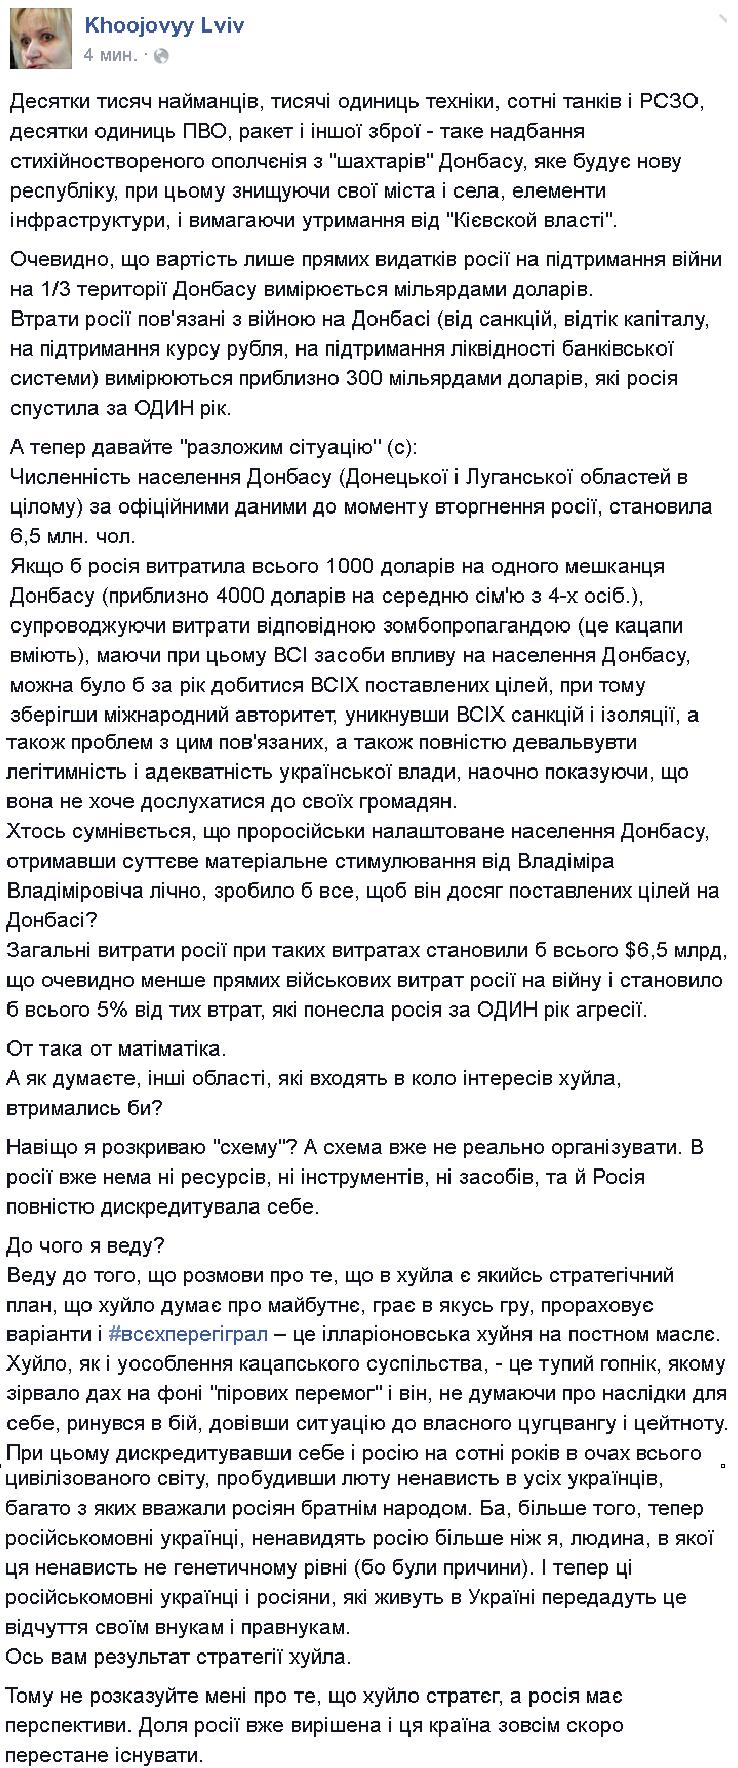 """Украинская артиллерия уничтожила танк и """"Урал"""" террористов под Широкино, - """"Азов"""" - Цензор.НЕТ 9660"""